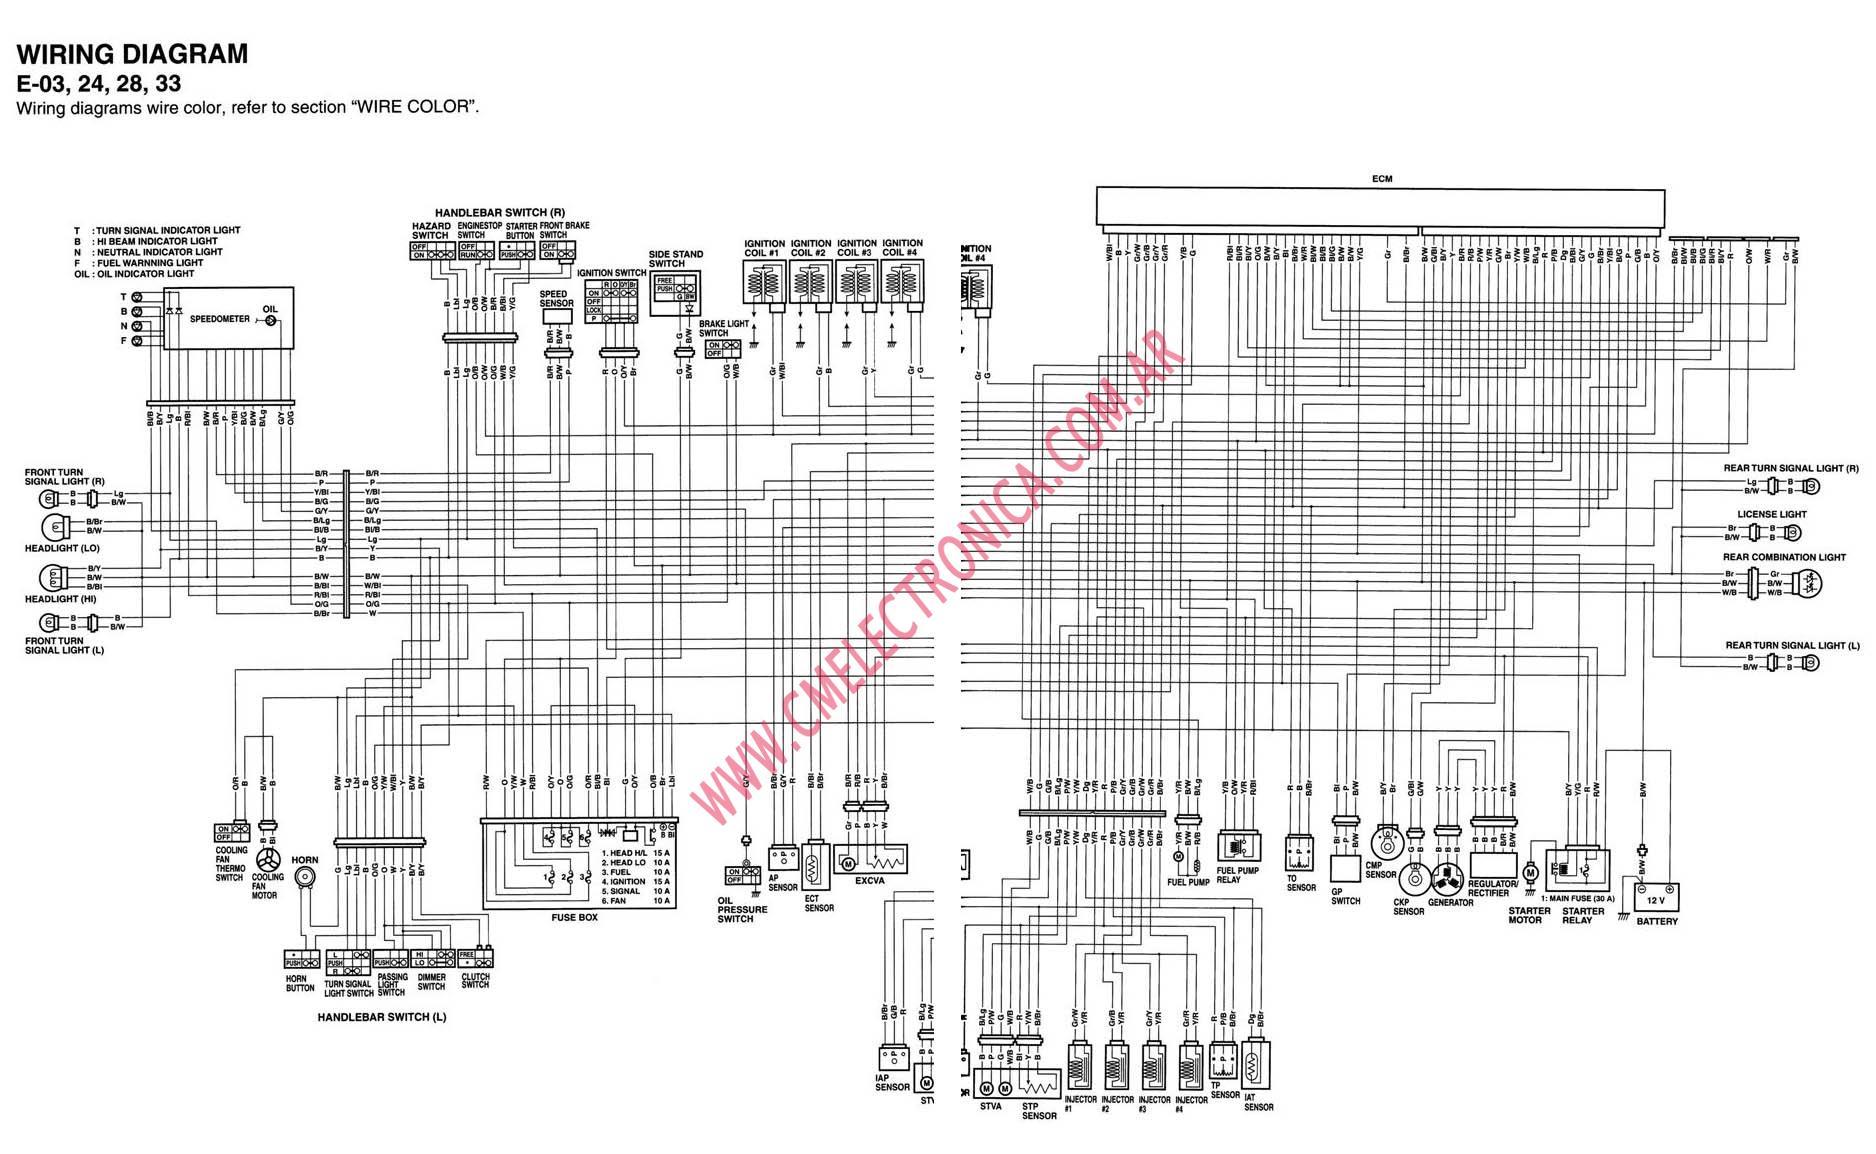 2001 suzuki gsxr 1000 wiring diagram picture